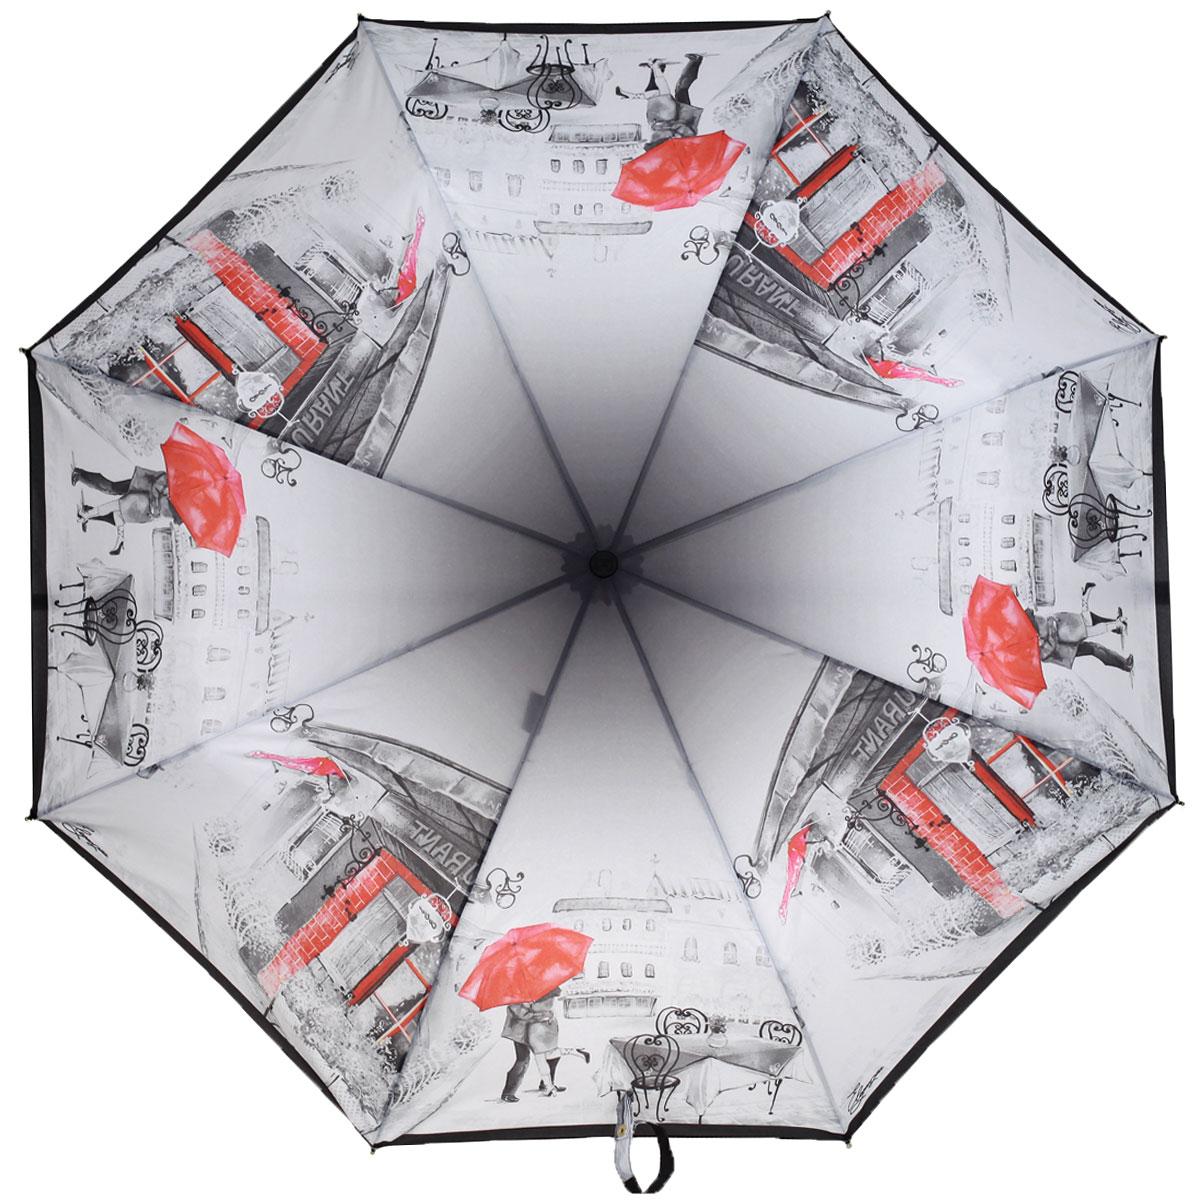 Зонт женский Eleganzza, автомат, 3 сложения, цвет: темно-серый, красный. A3-05-0295 зонт женский derby polka 3 сложения полный автомат бордовый